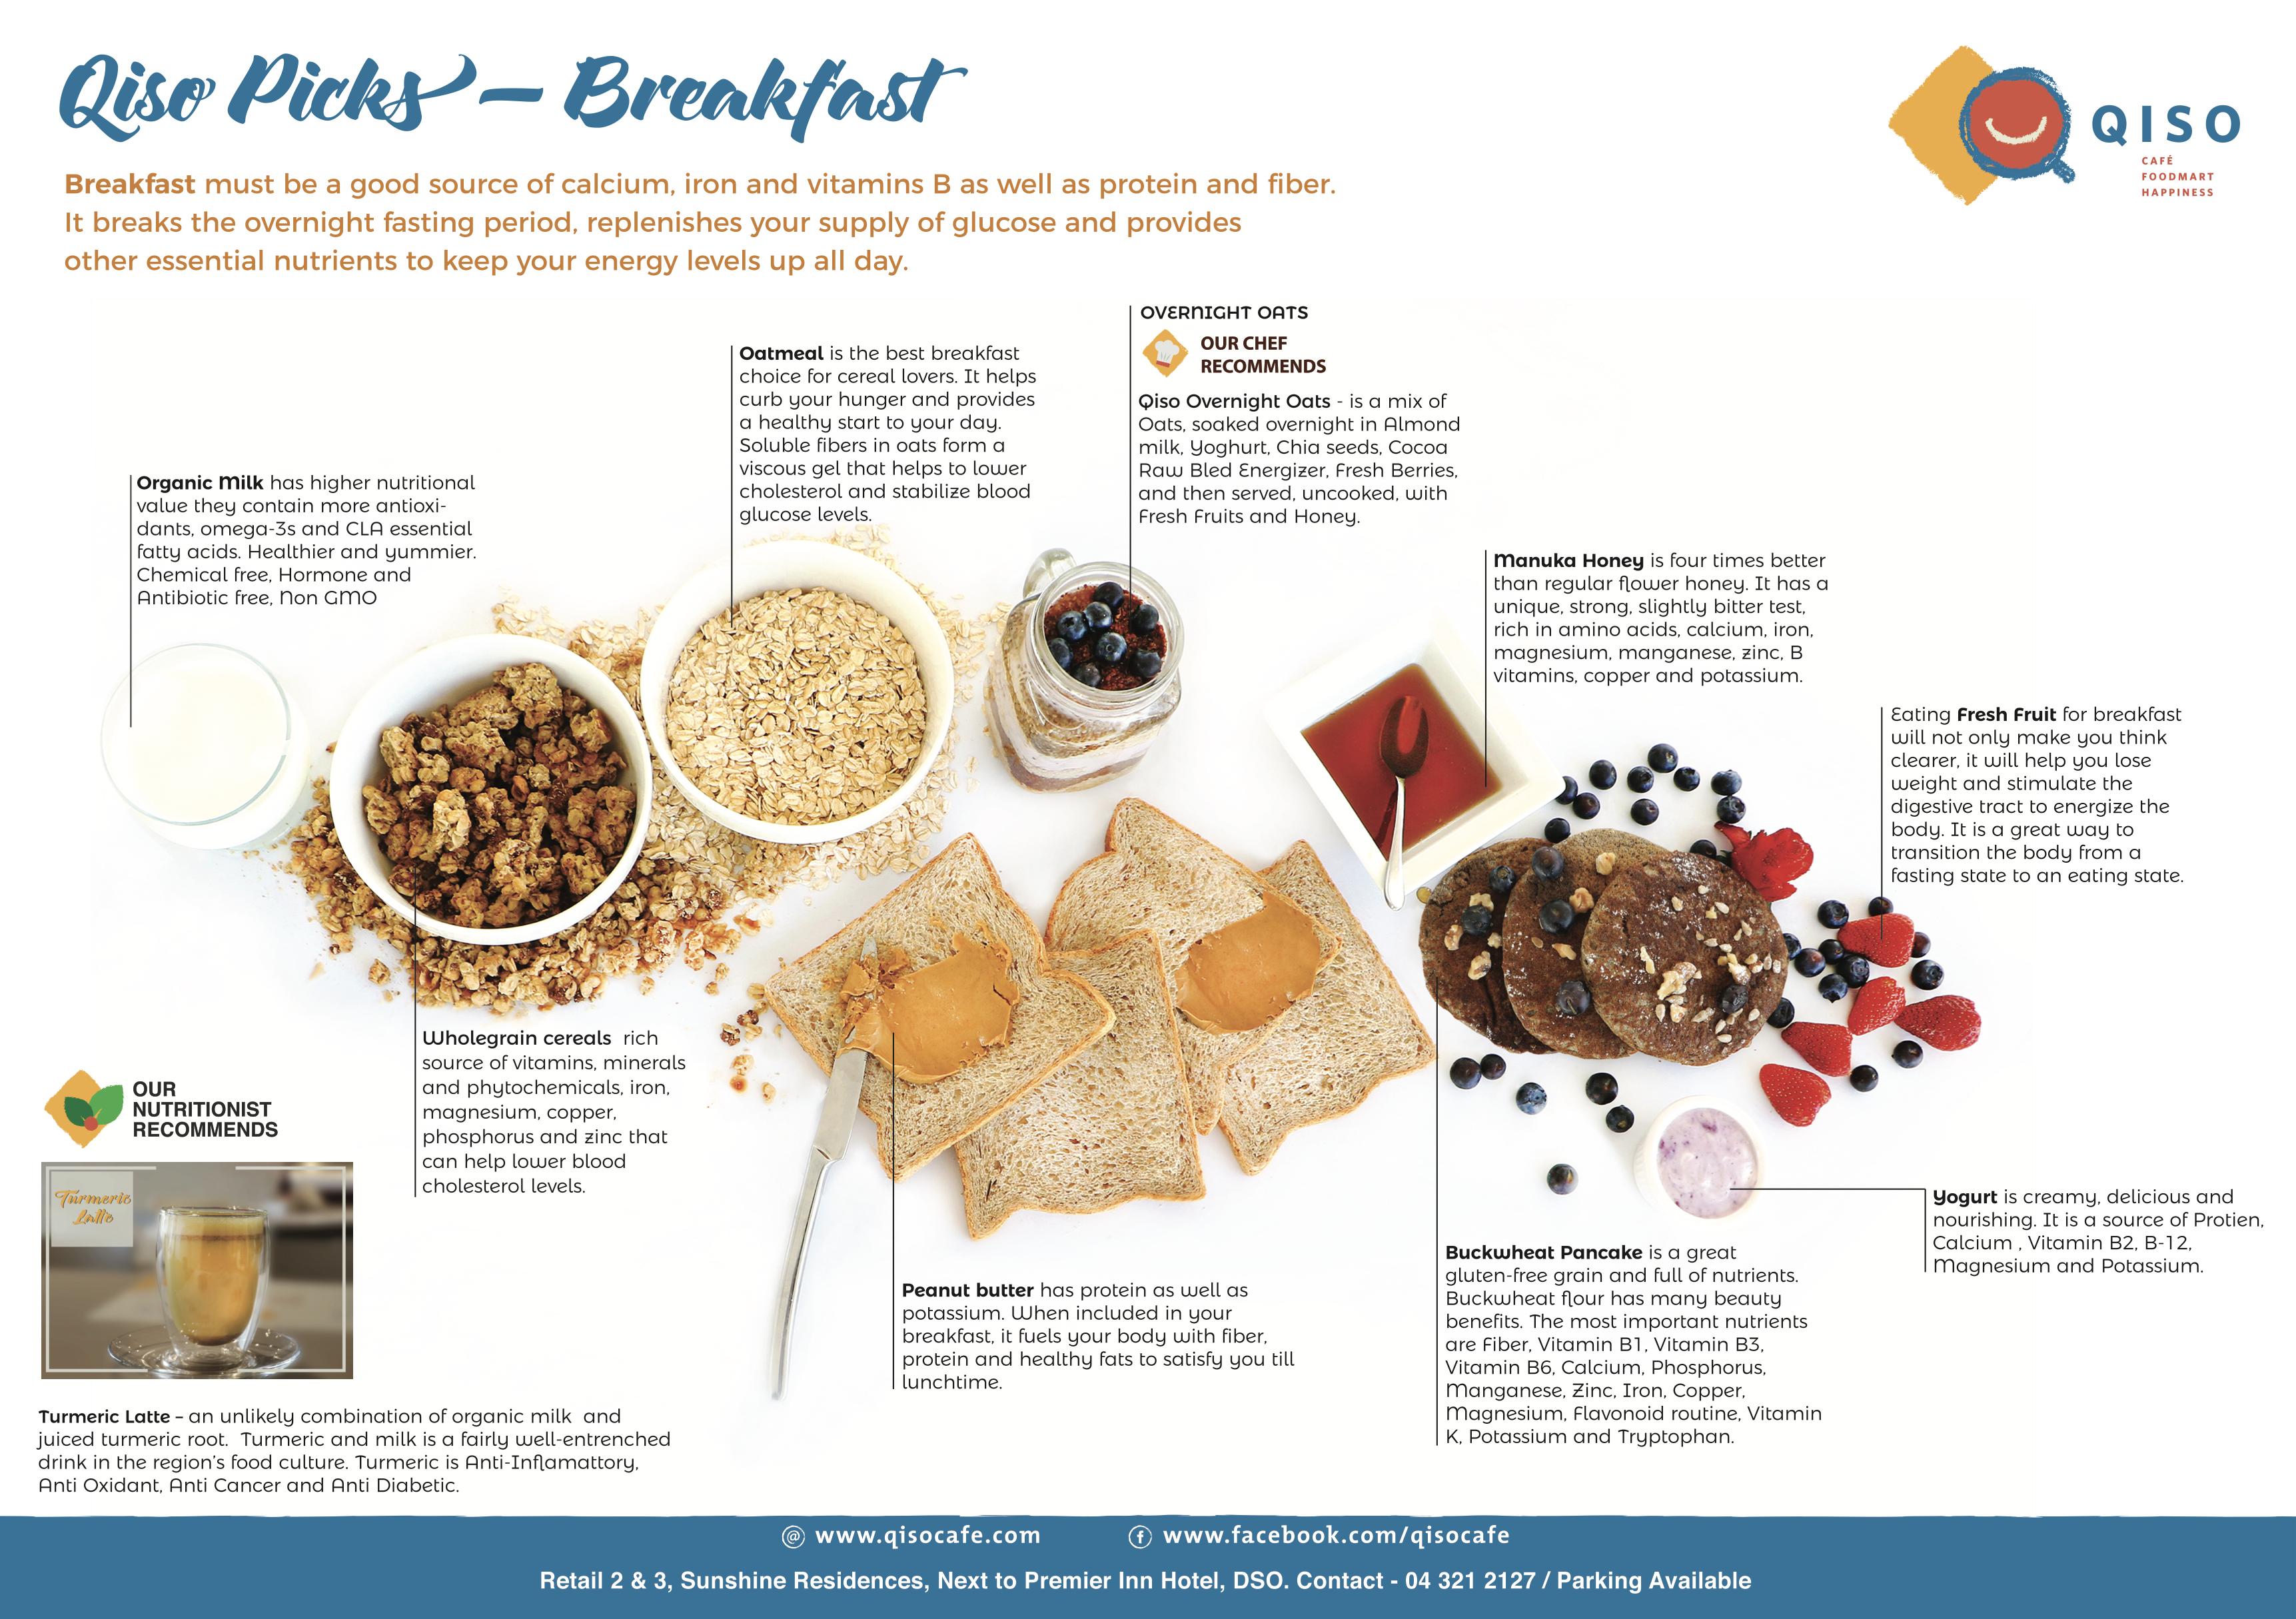 Health Benefits of Healthy Breakfast